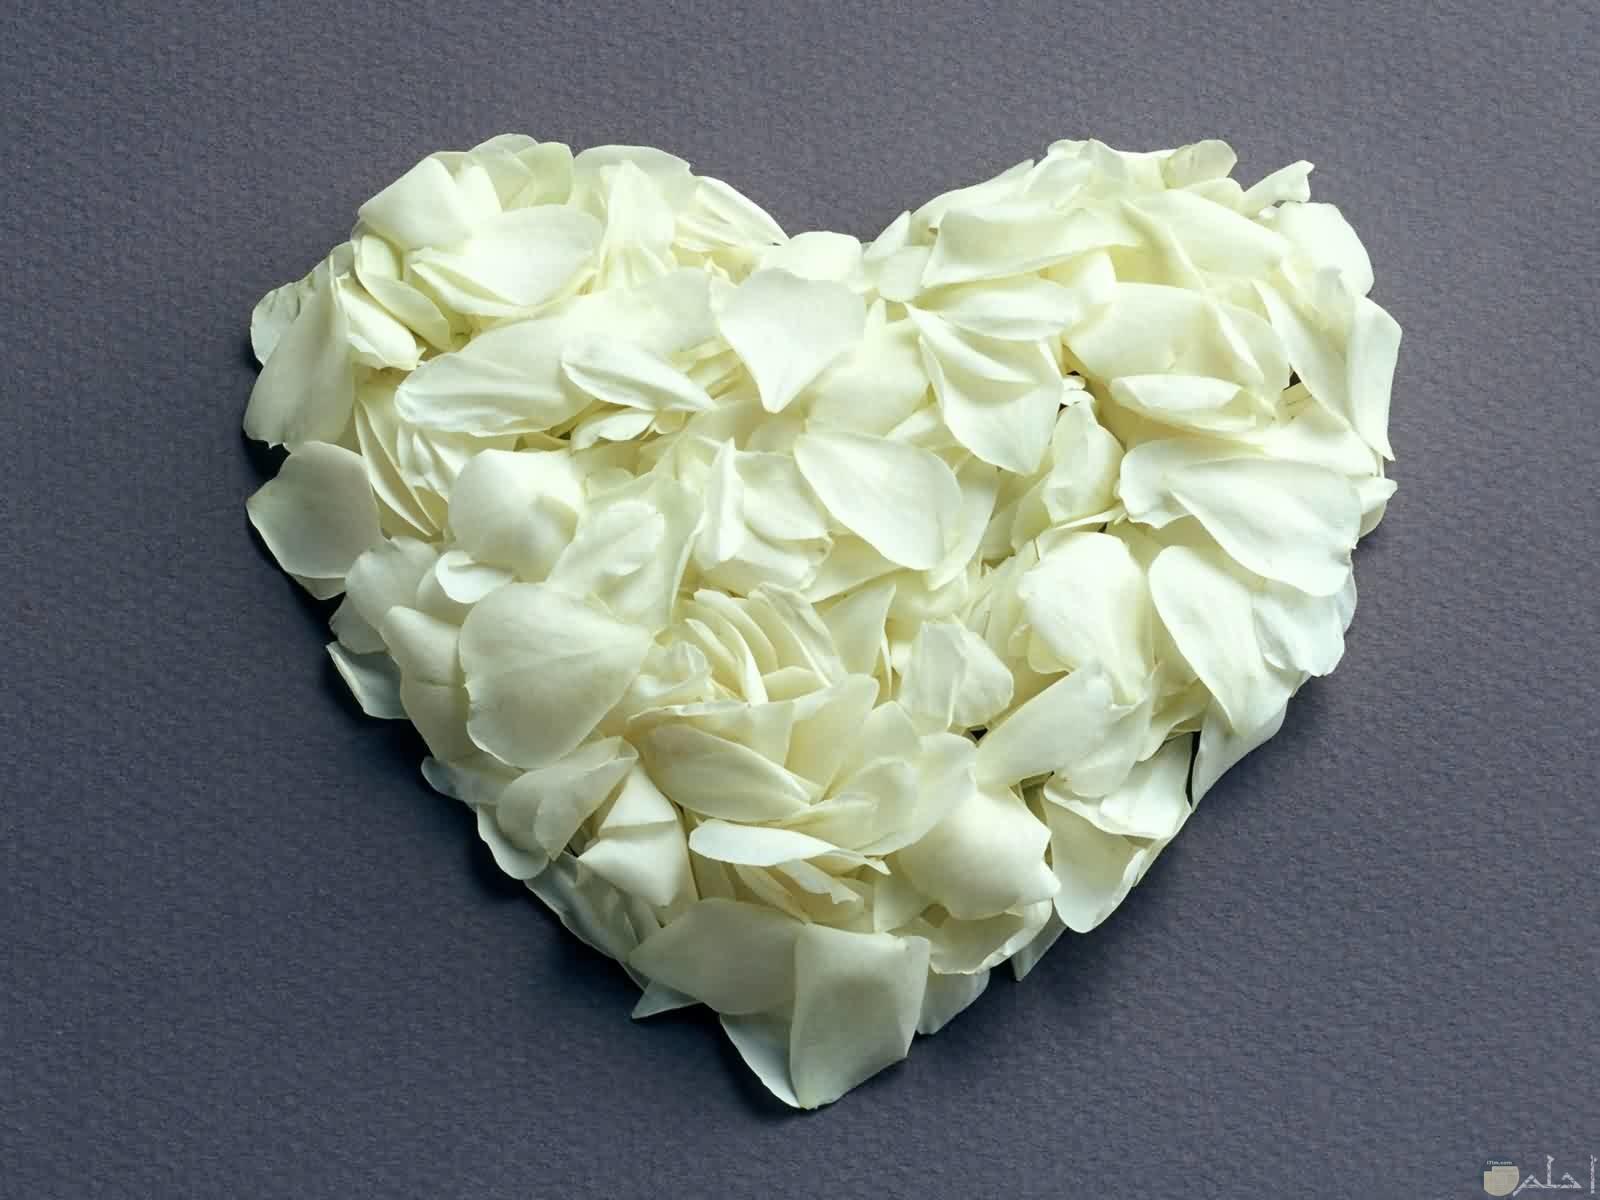 صحبة من الزهور تشكل قلب أبيض